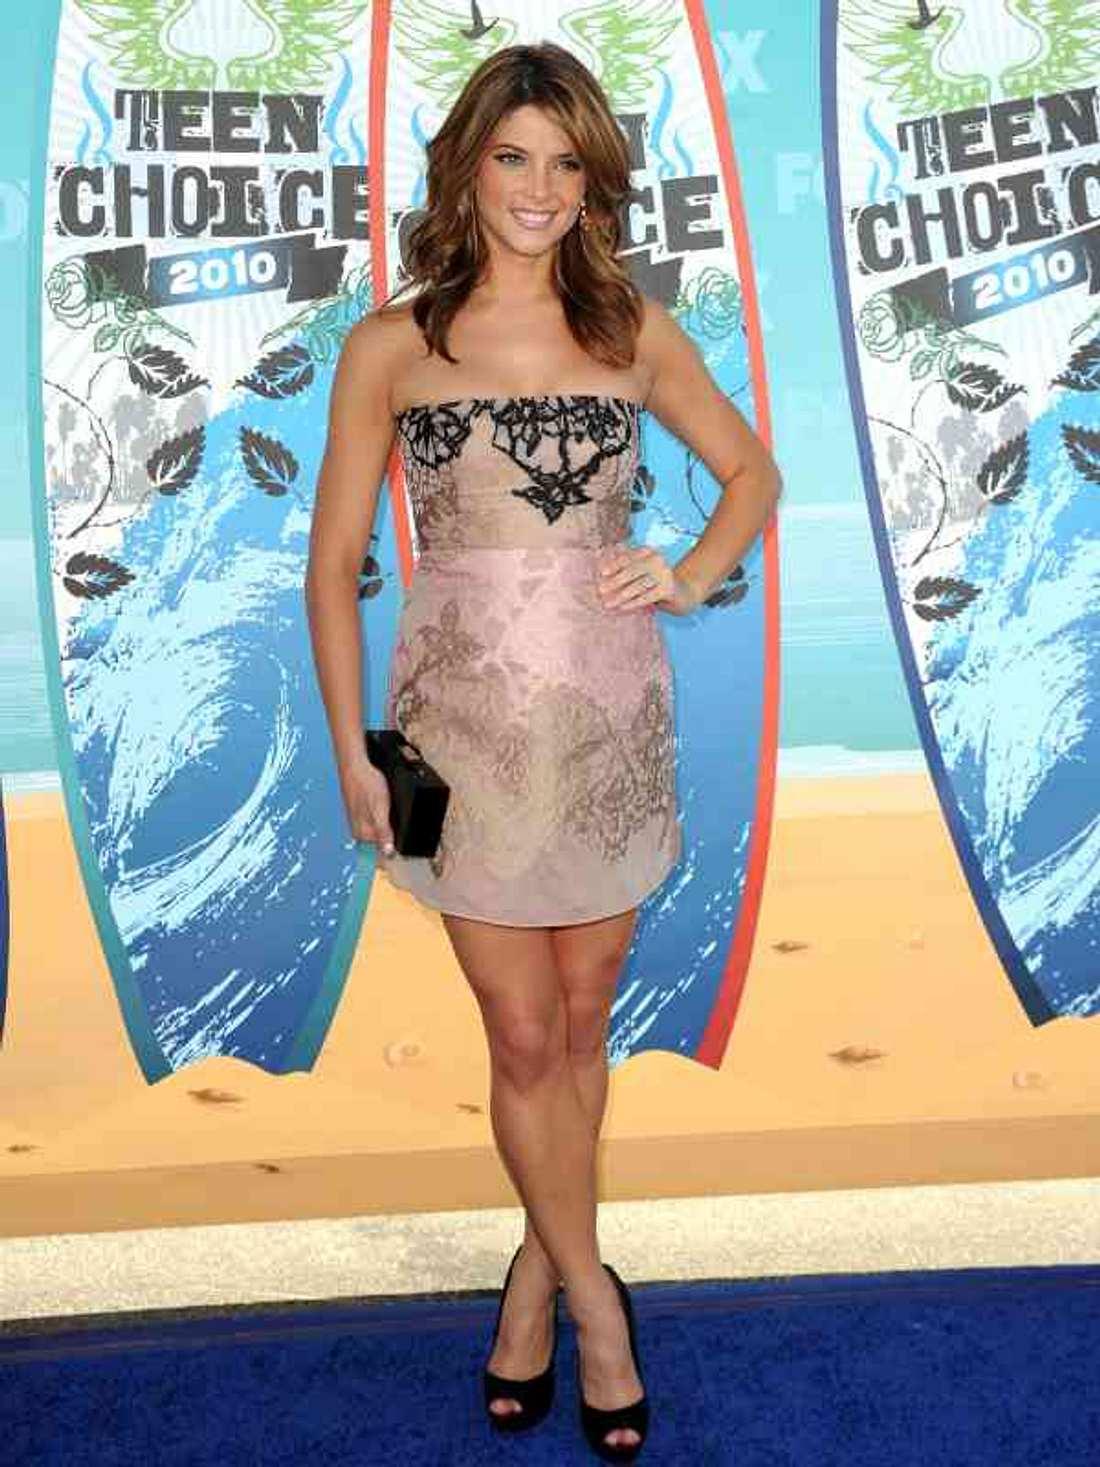 Die Teen Choice Awards 2010 - Die Gewinner - Bild 1